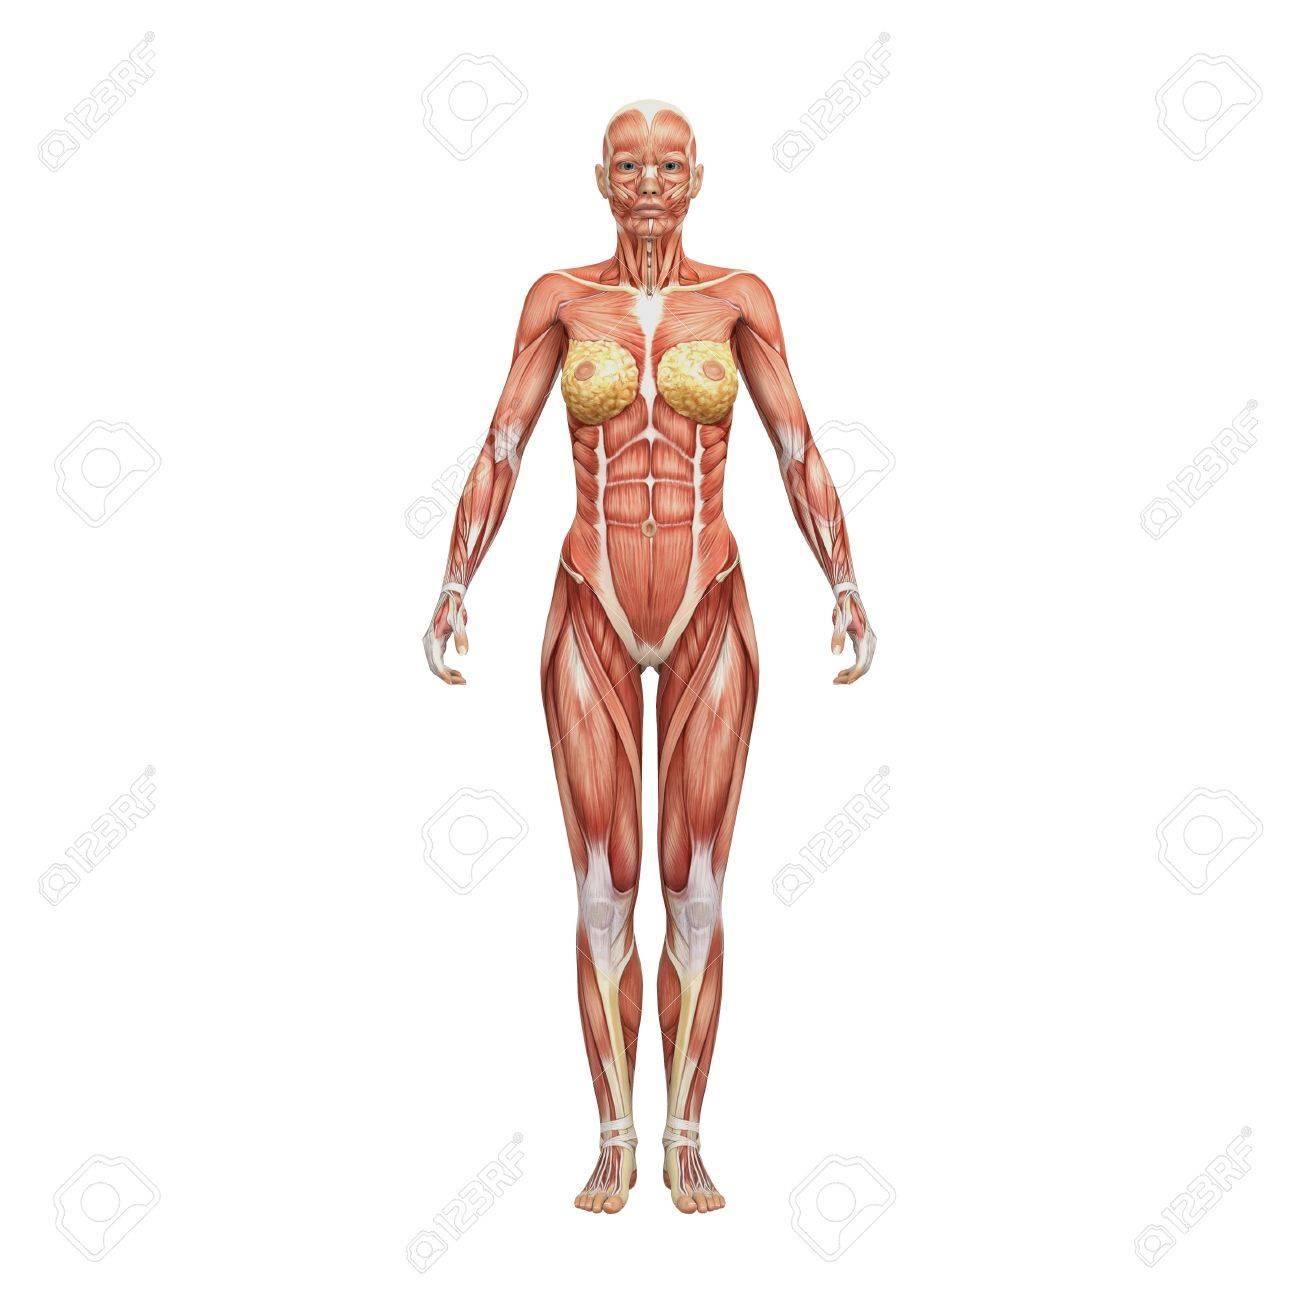 Niedlich Weibliche Anatomie Ideen - Menschliche Anatomie Bilder ...